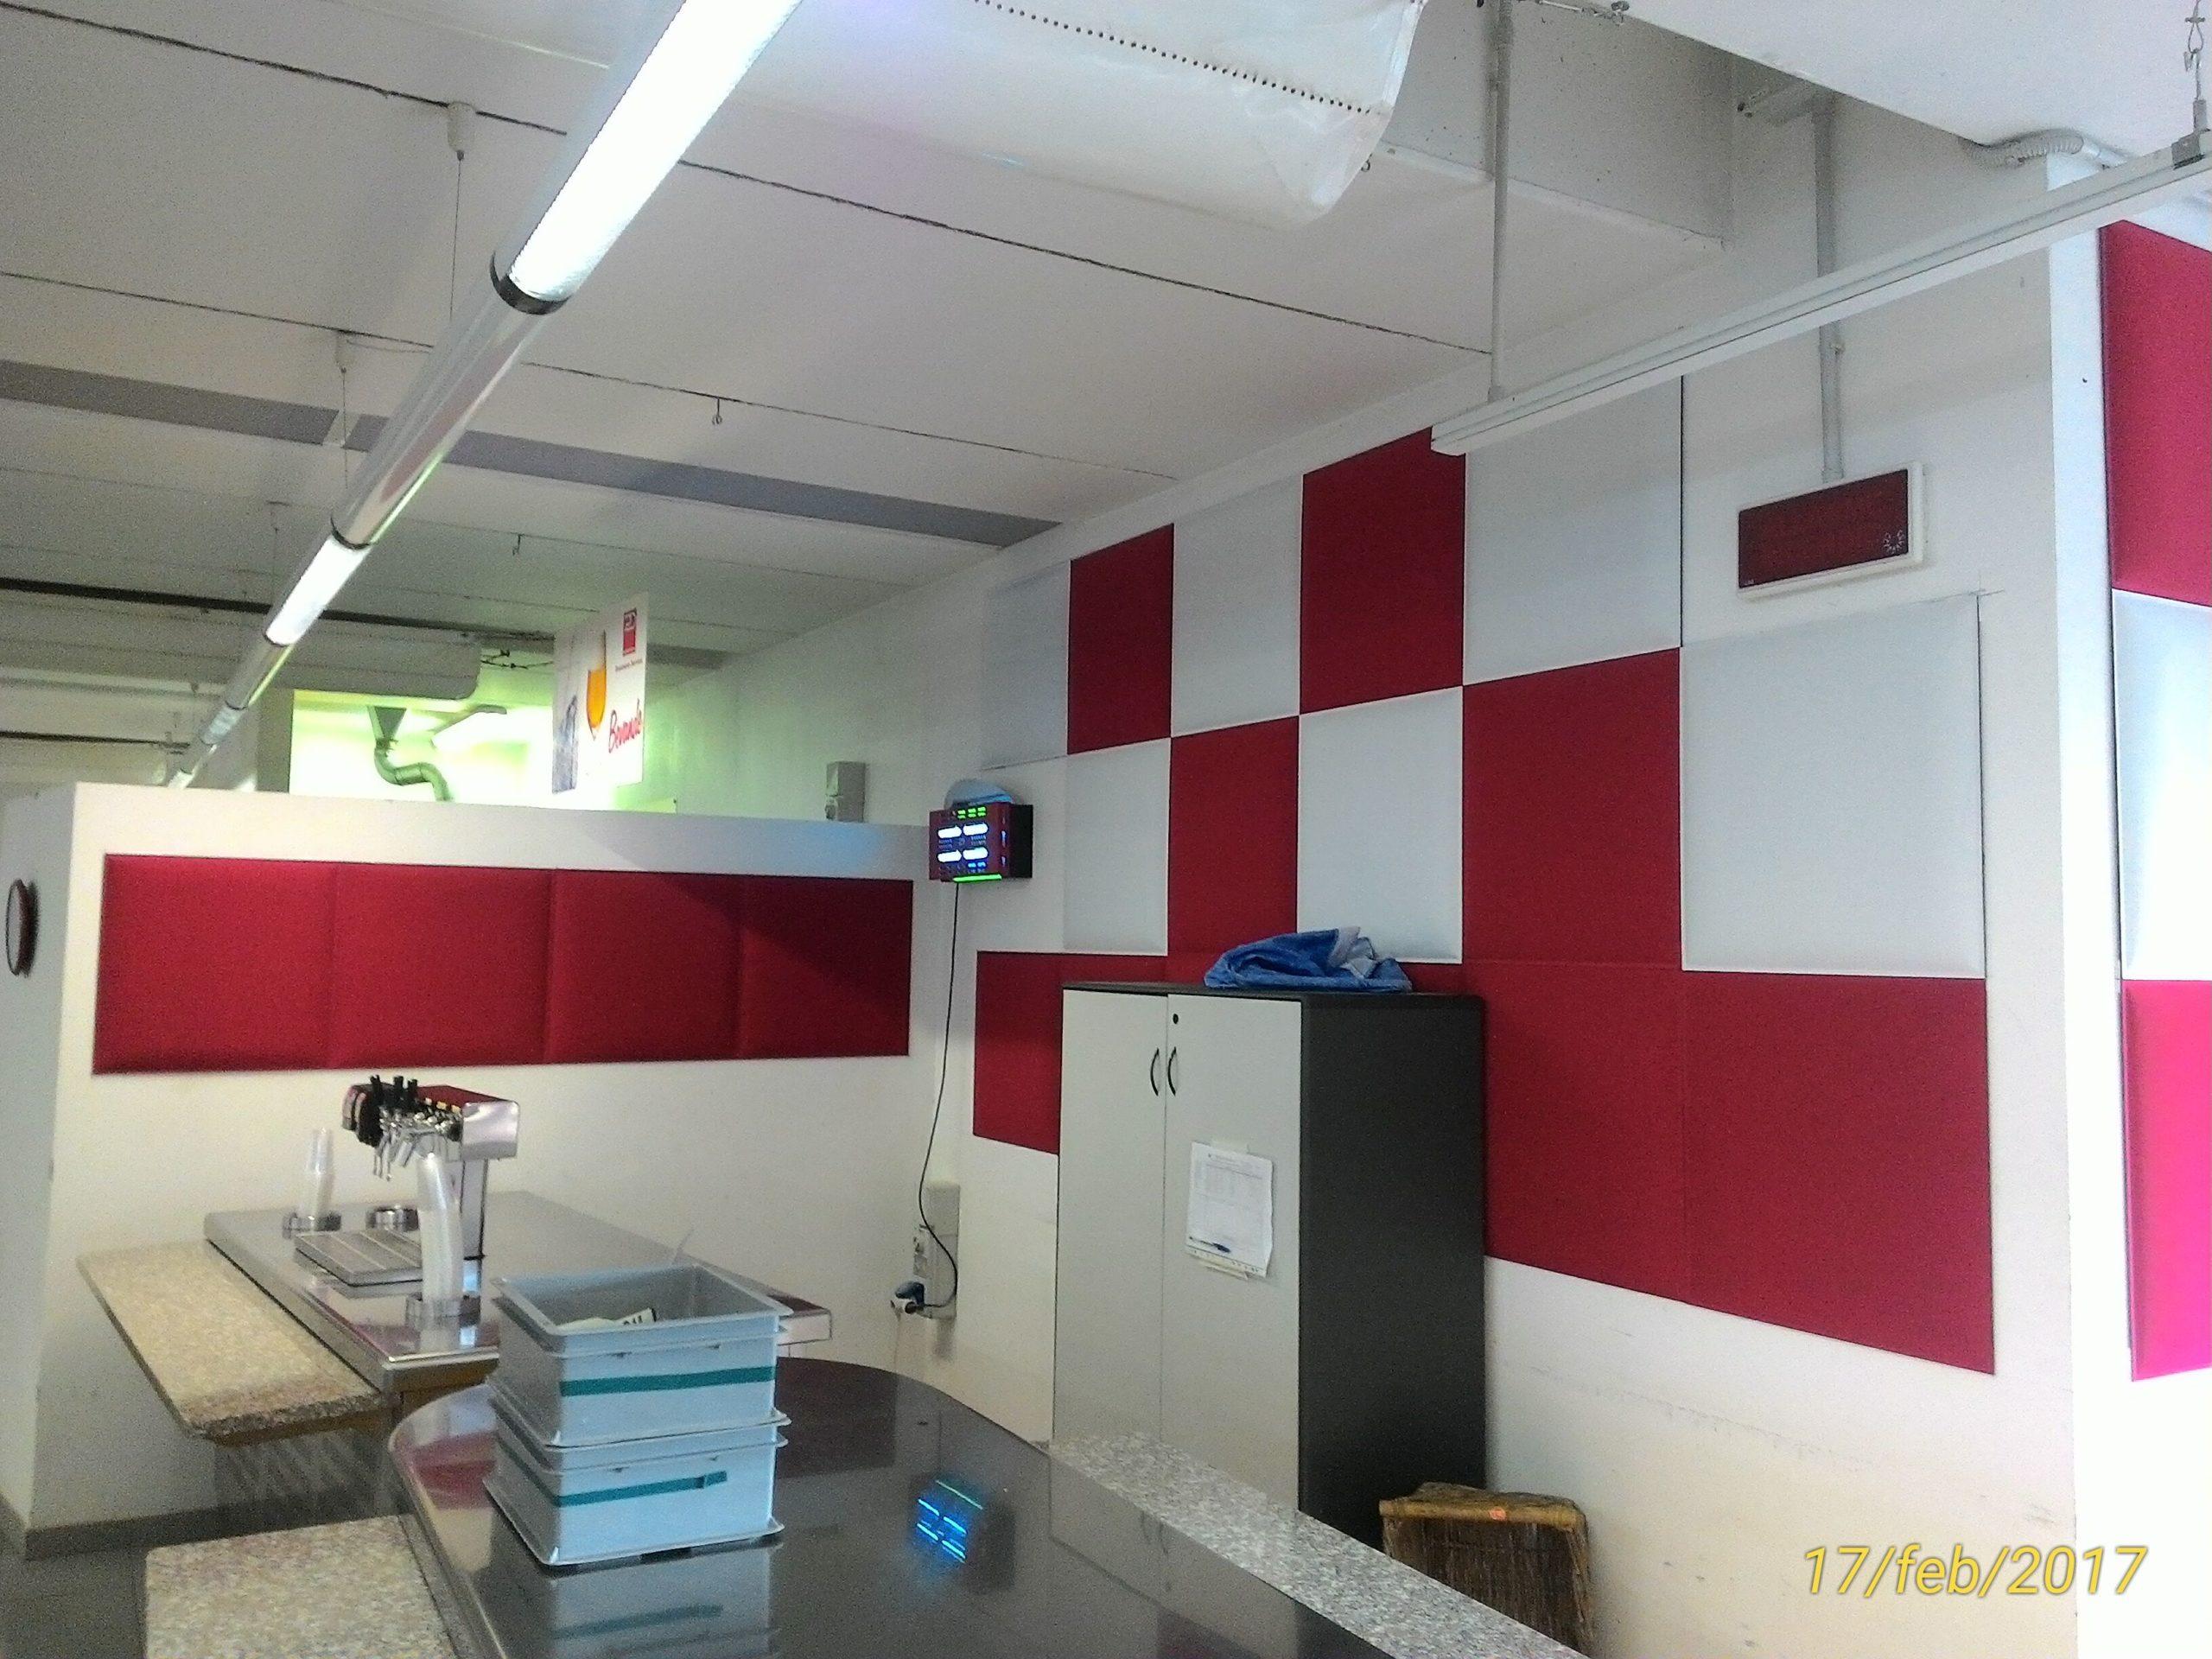 Gruppo Ingegneria Torino - Adeguamento acustico dei locali destinati a mensa aziendale presso siti industriali